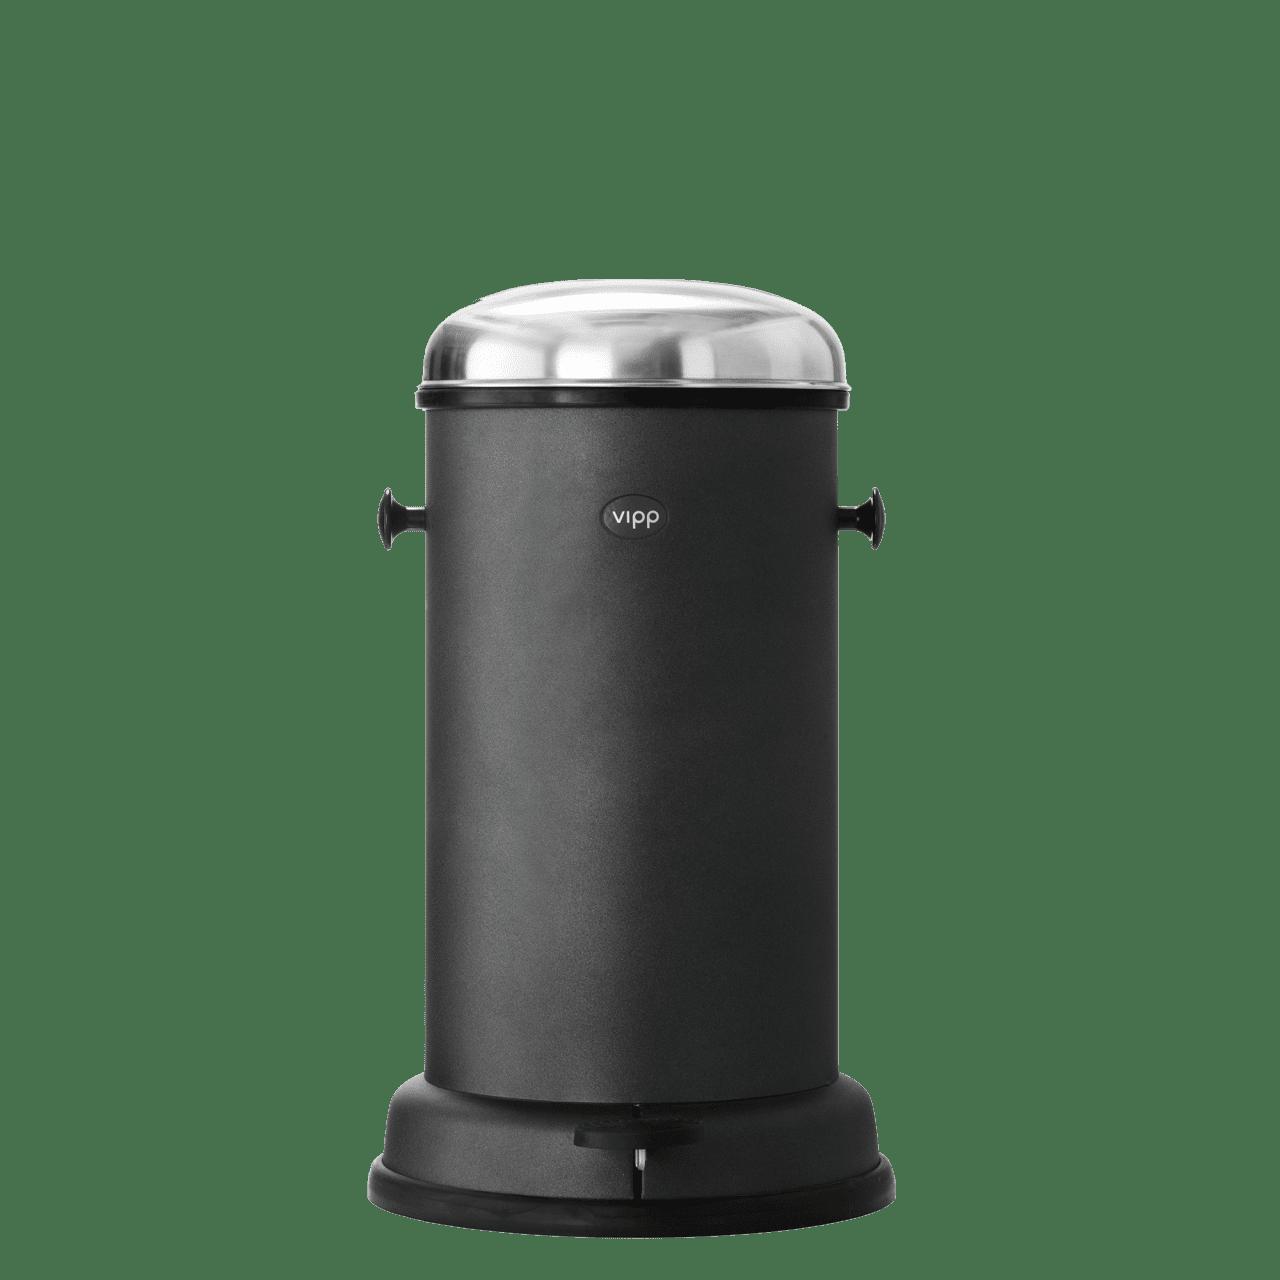 Treteimer Vipp 15 14 Liter schwarz